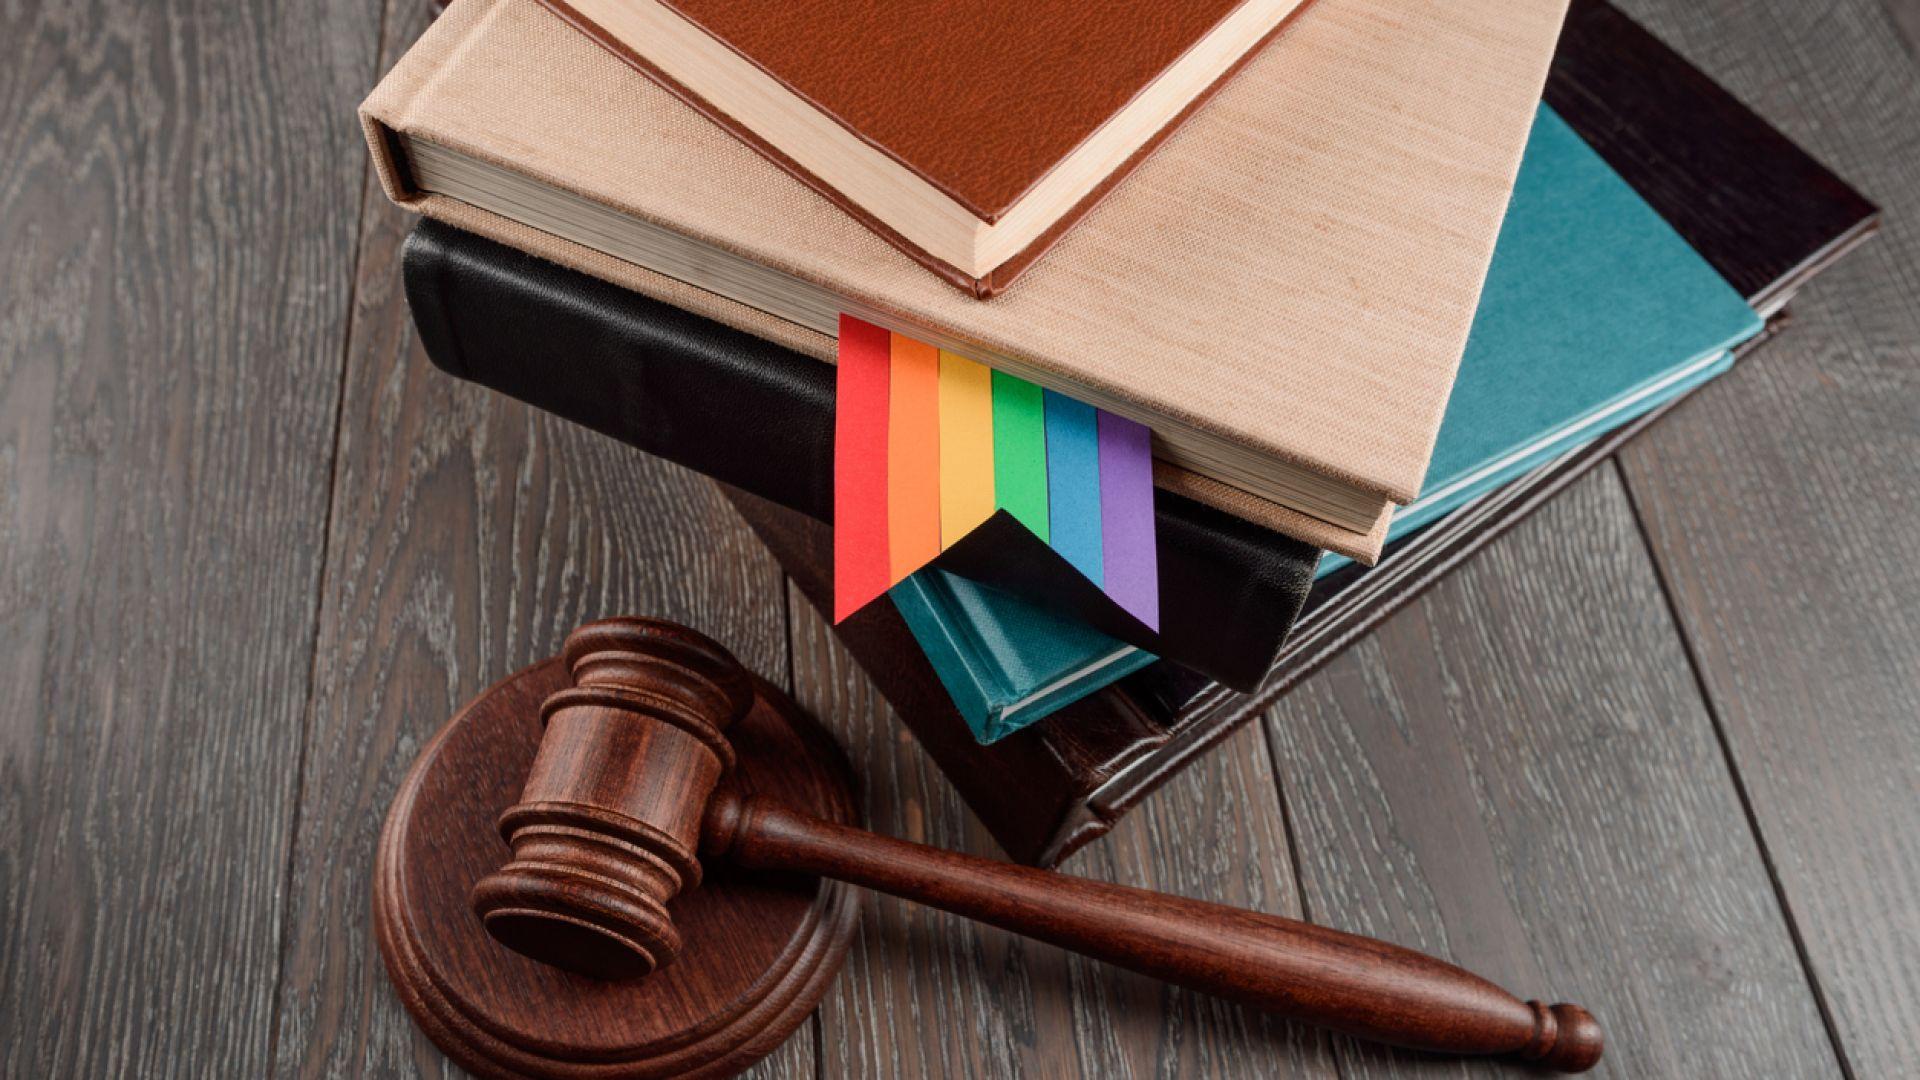 Сборник с ЛГБТ приказки и чернокожа Снежанка ядоса унгарското правителство